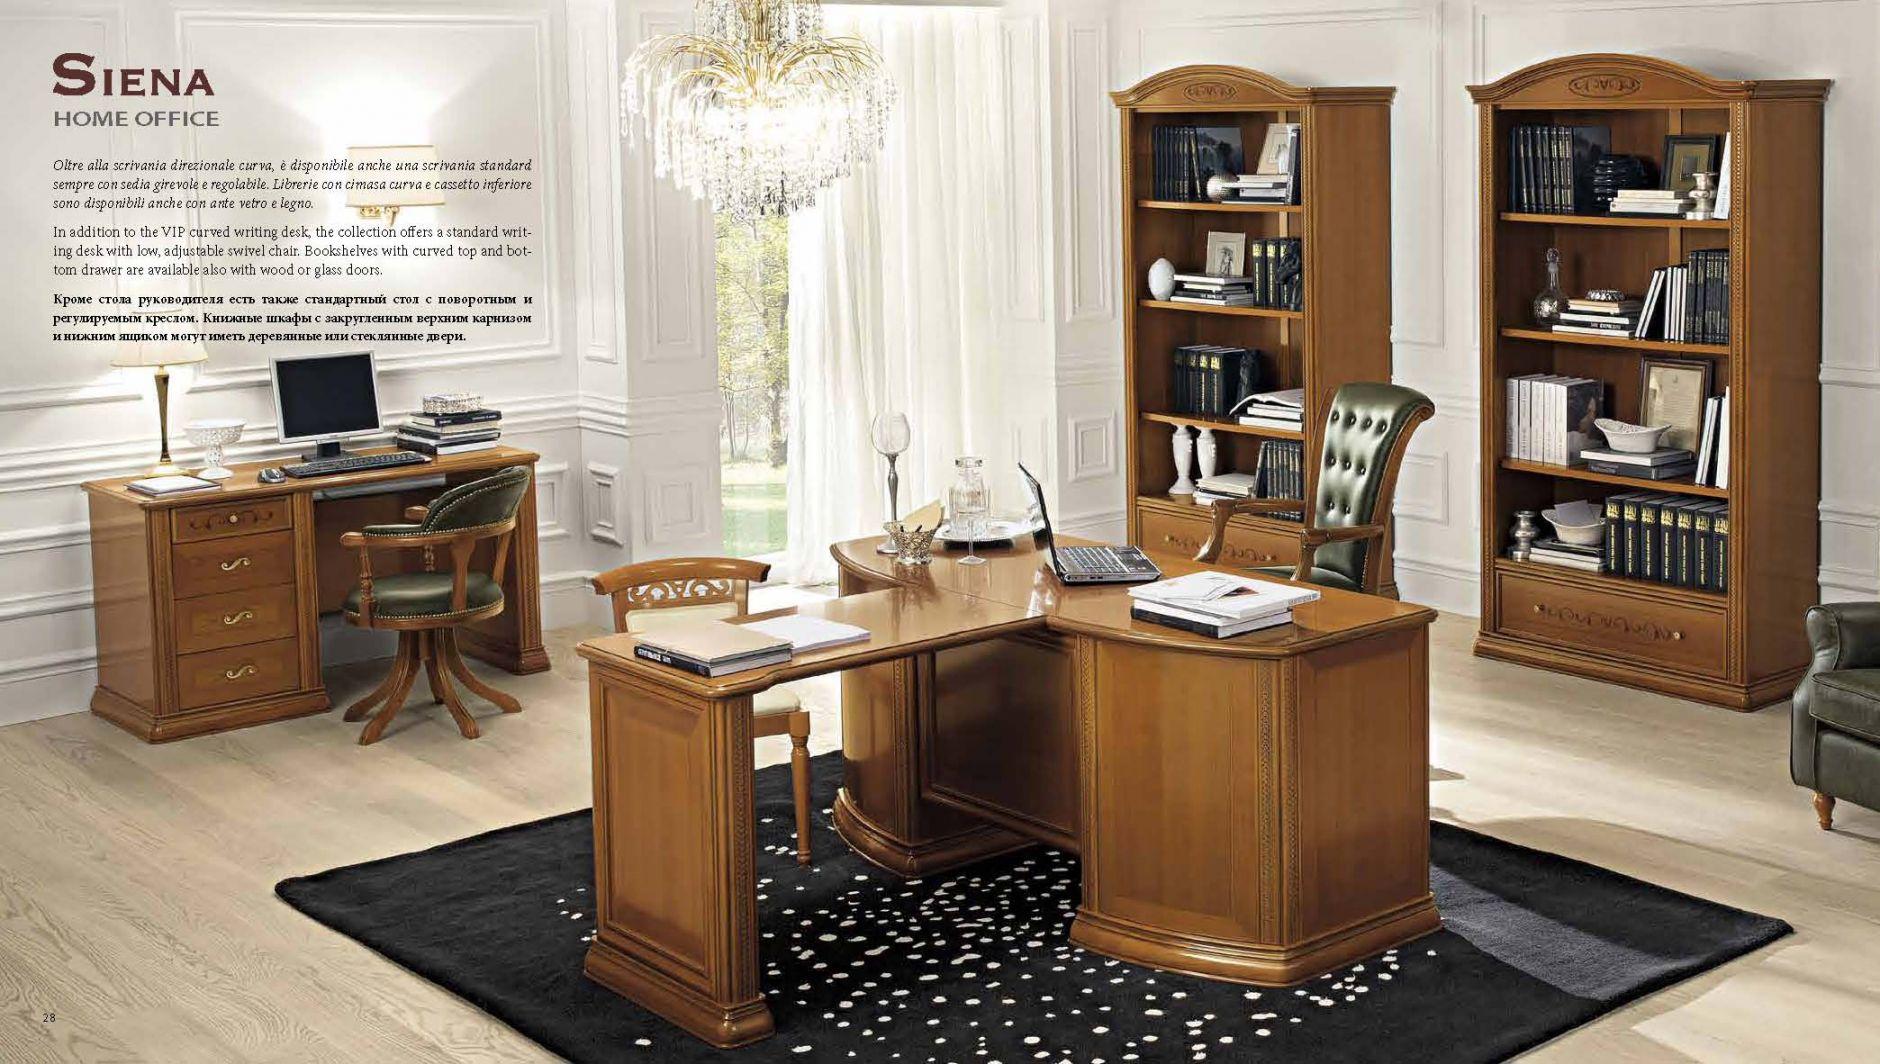 Bureau bureaux meubles de bureau camelgroup série sienales